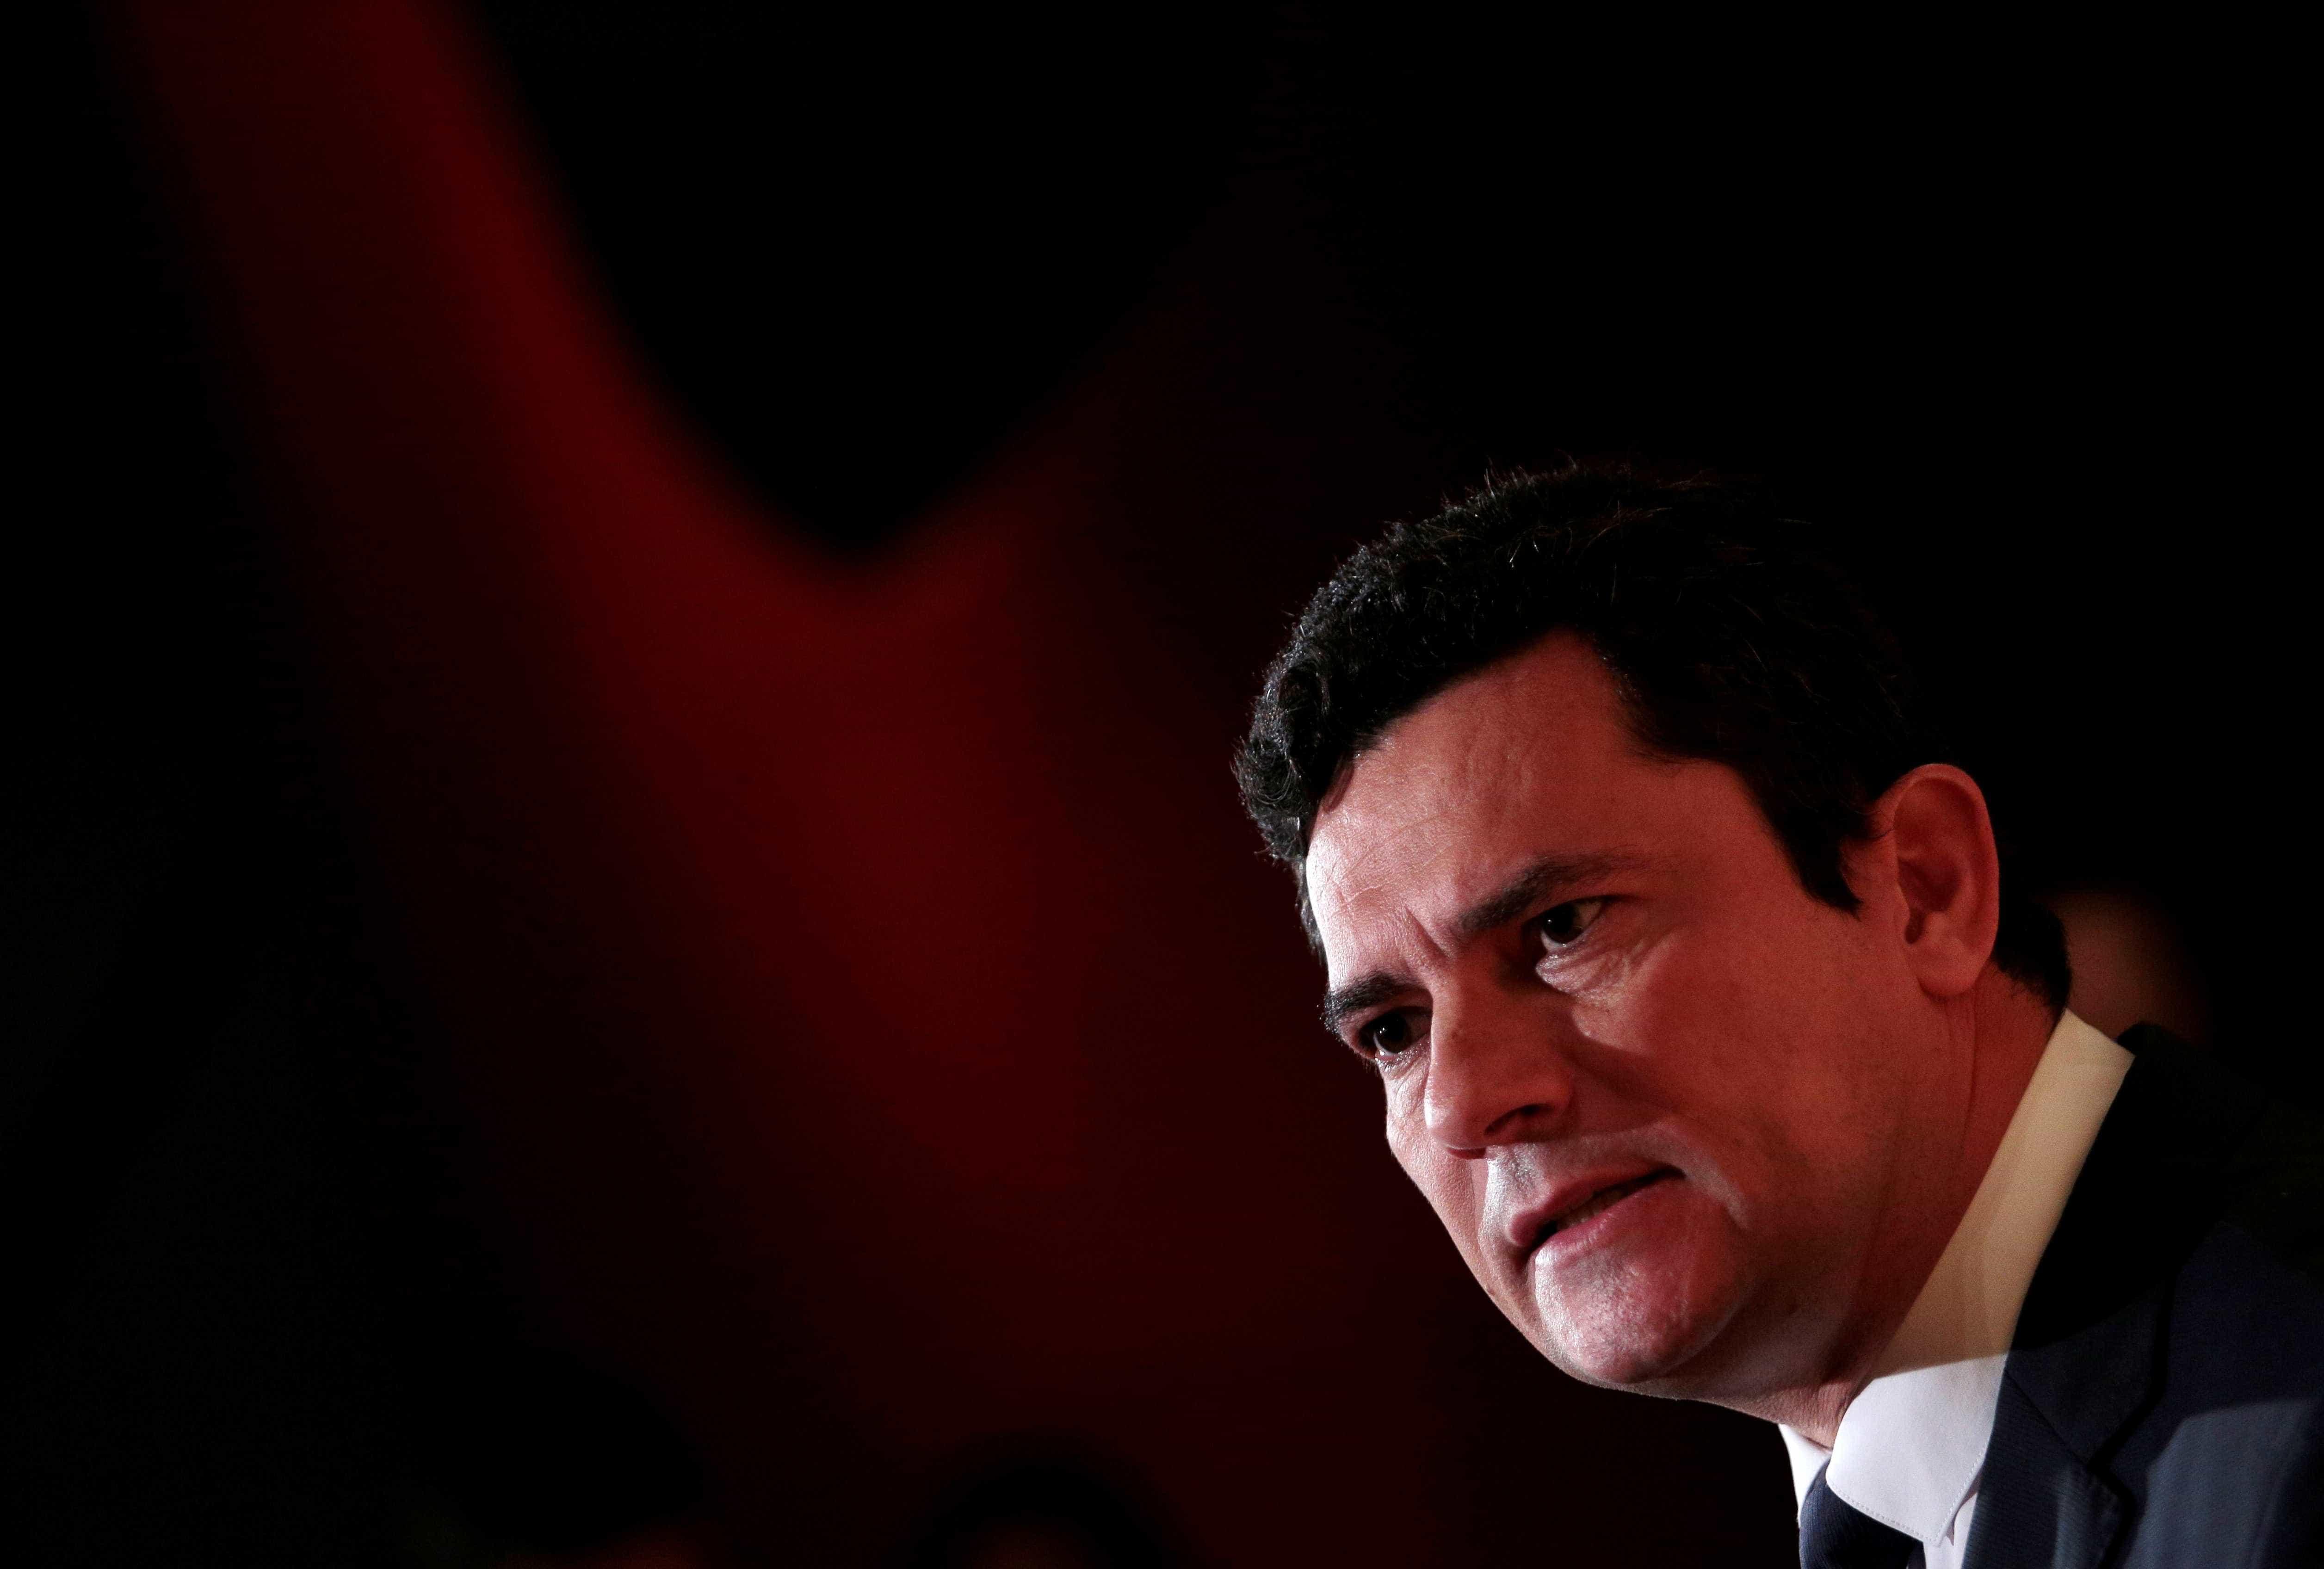 Corte Especial do STJ retira de Moro processo contra Beto Richa